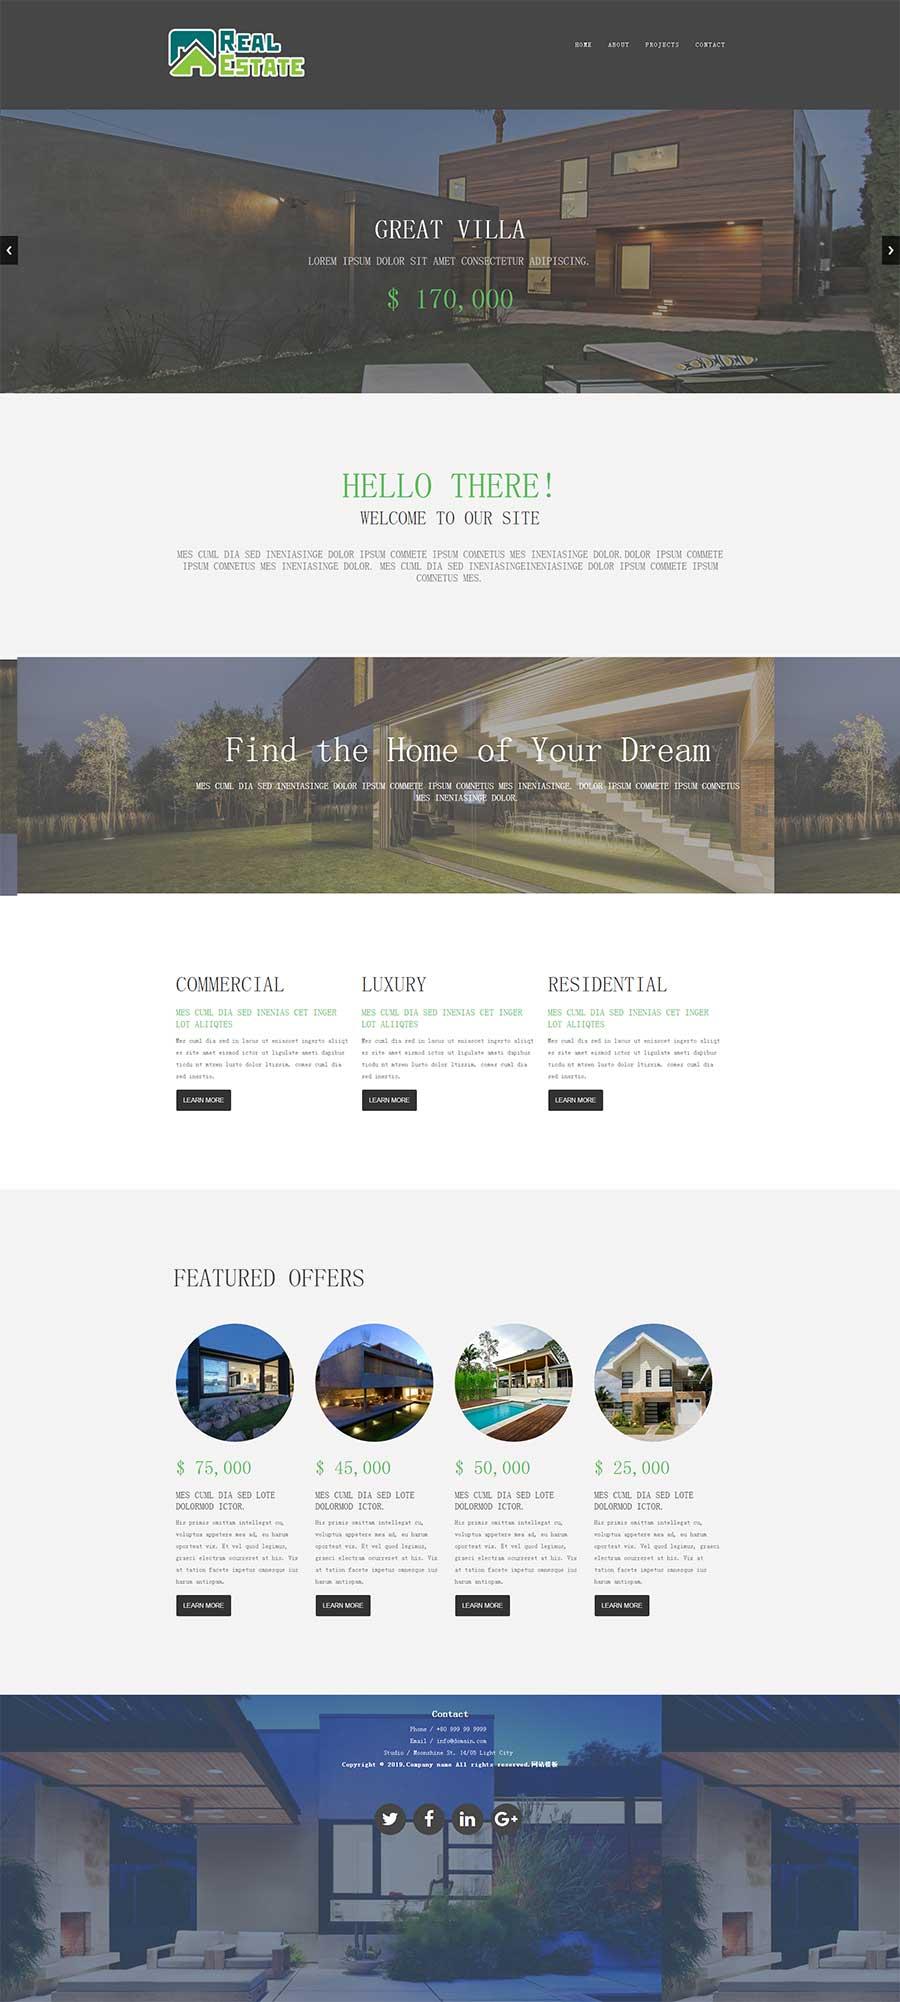 简约宽屏html5响应式别墅设计建筑公司官网模板